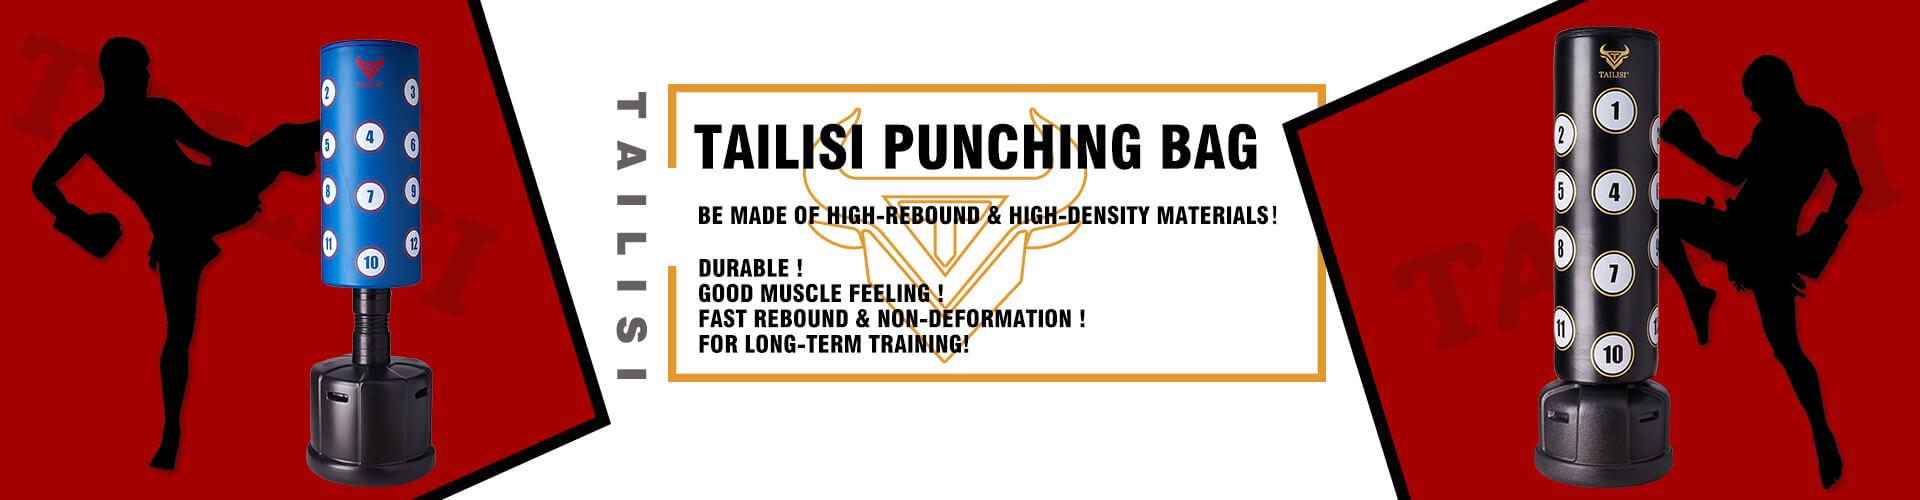 TAILISI PUNCHING BAG BANNER 2021052002